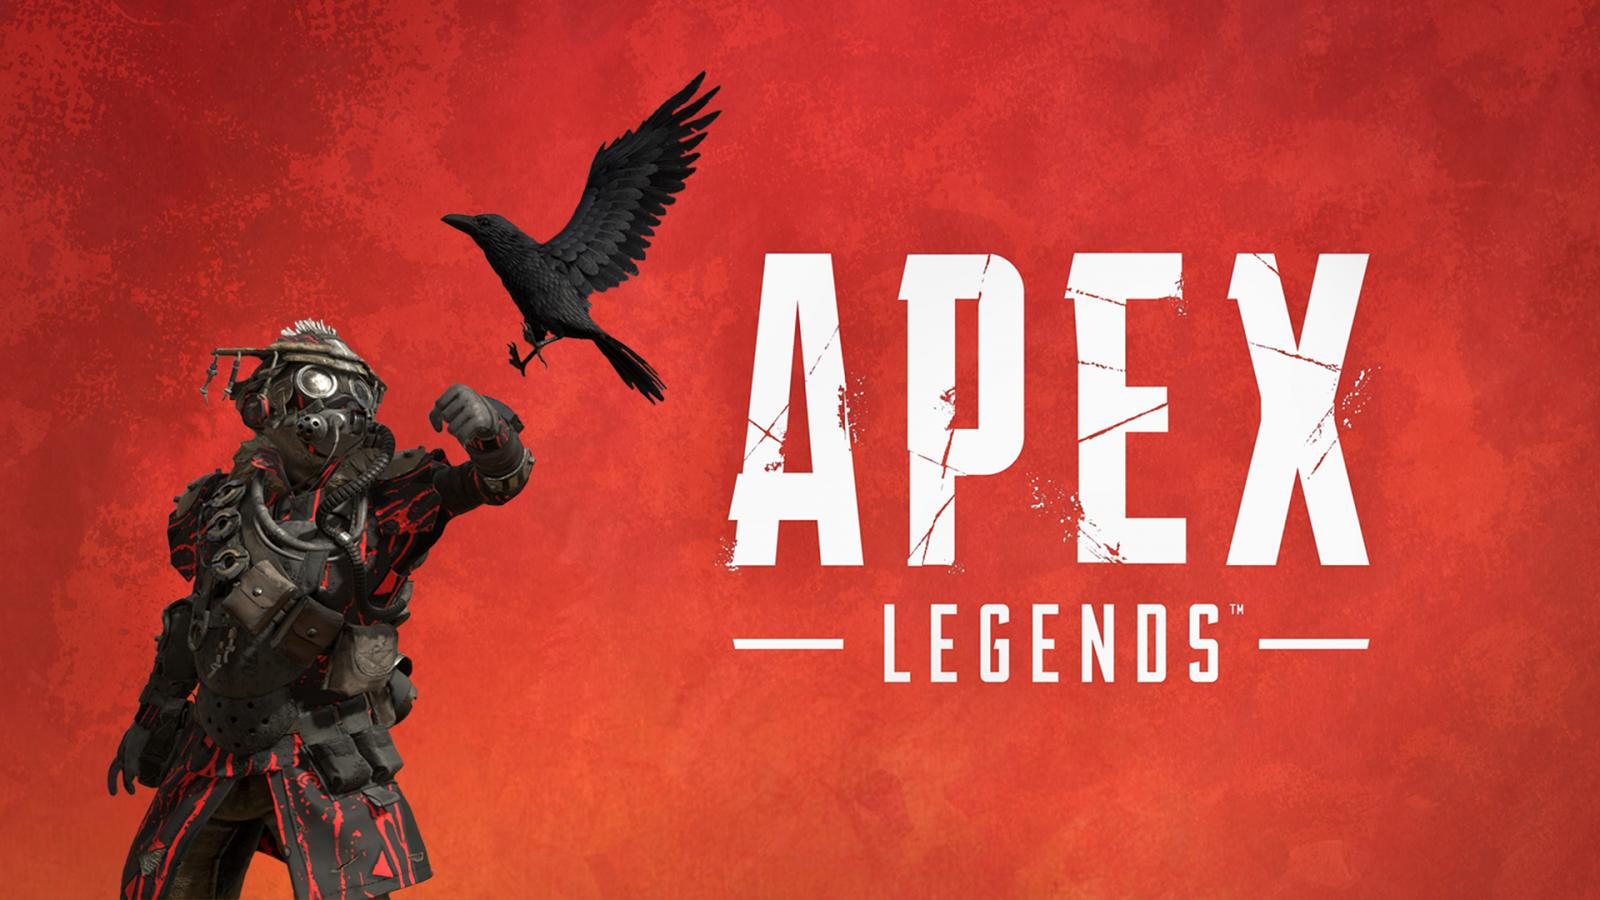 デスクトップ壁紙 Apex Legends Blood Hound 赤 カラス 1920x1080